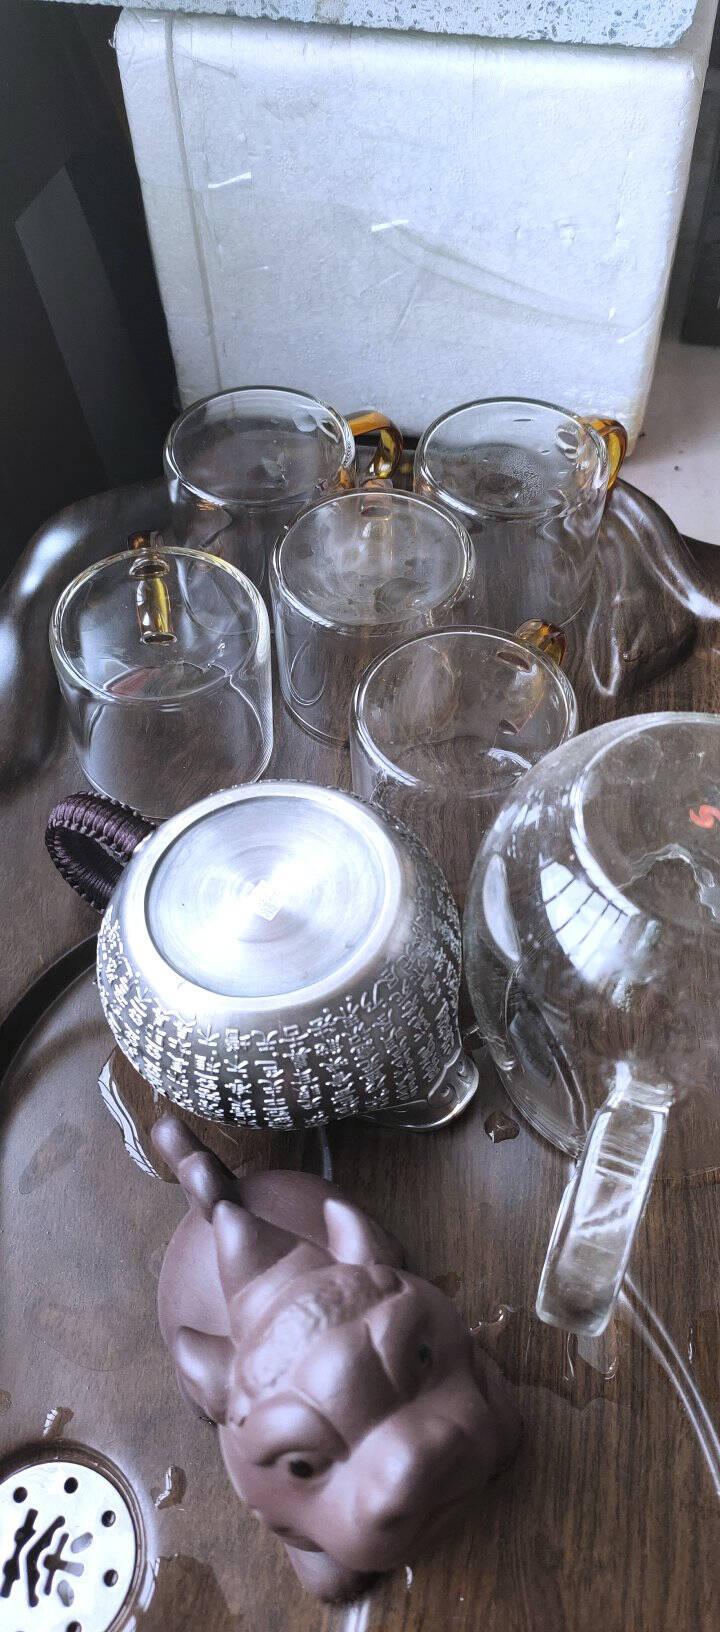 唐丰加厚耐热玻璃杯品茗杯荼只装功夫茶具带把水杯小茶杯子喝茶杯玻璃红把品茗6杯组